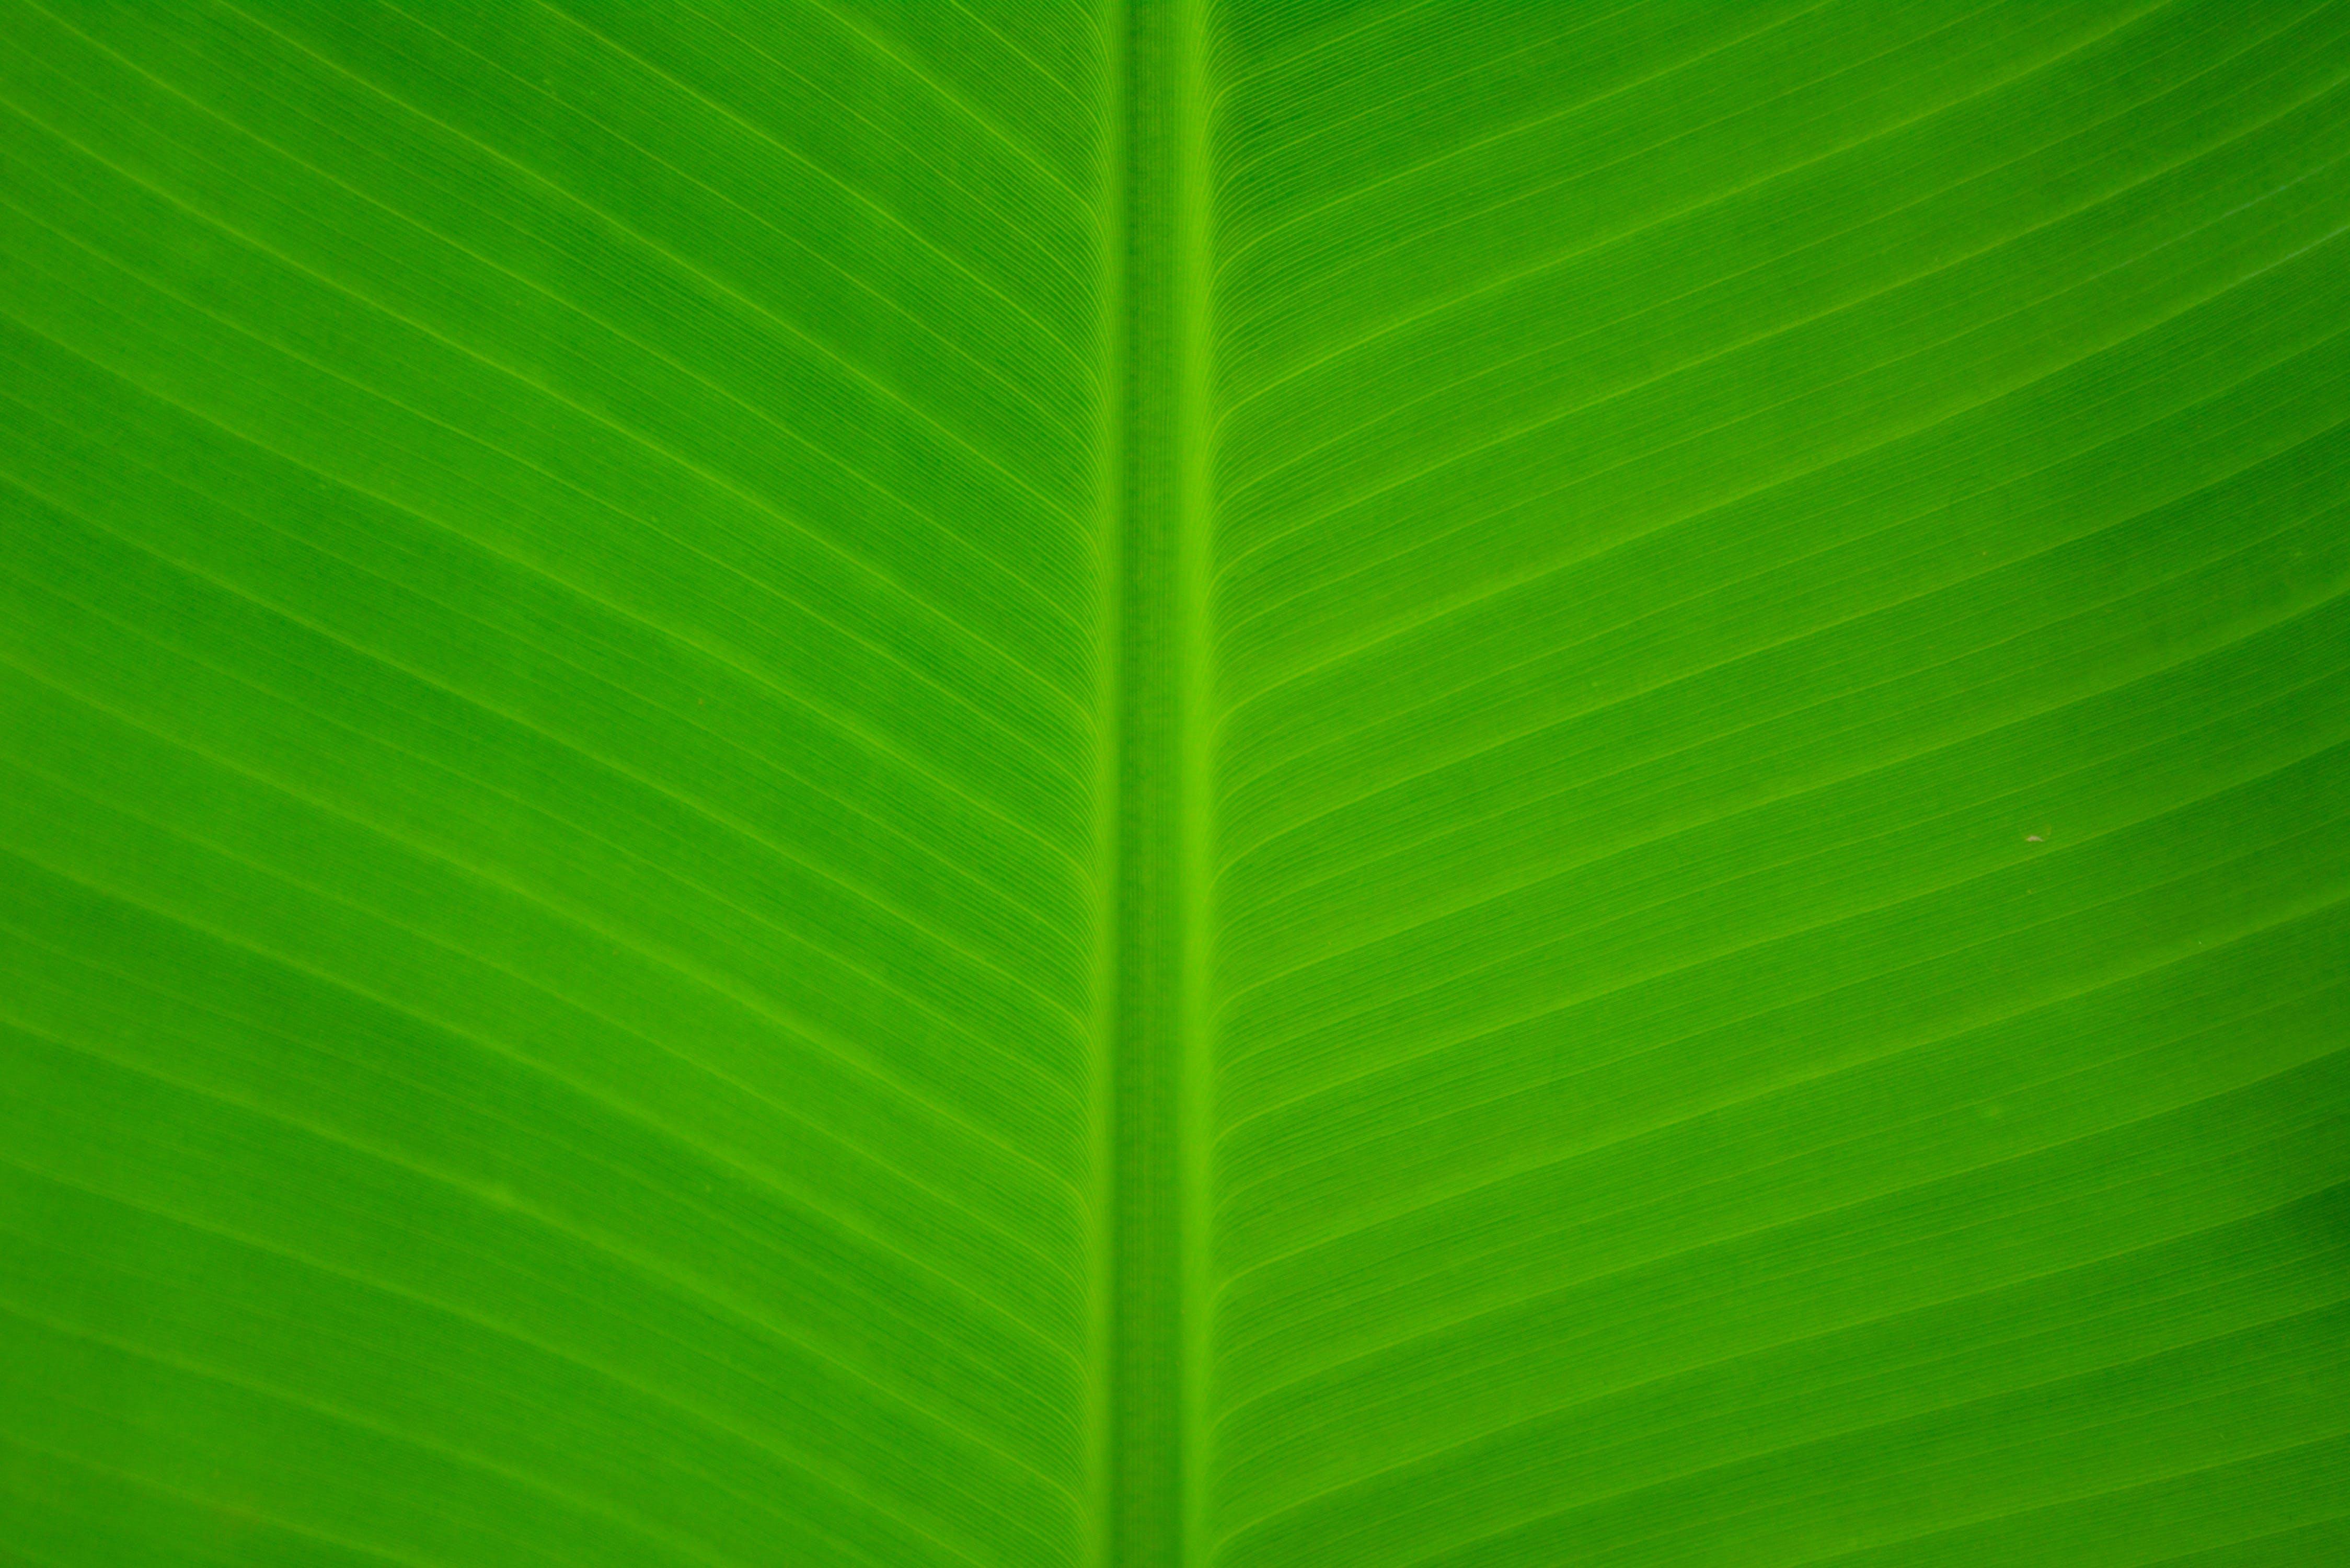 close-up, green, leaf